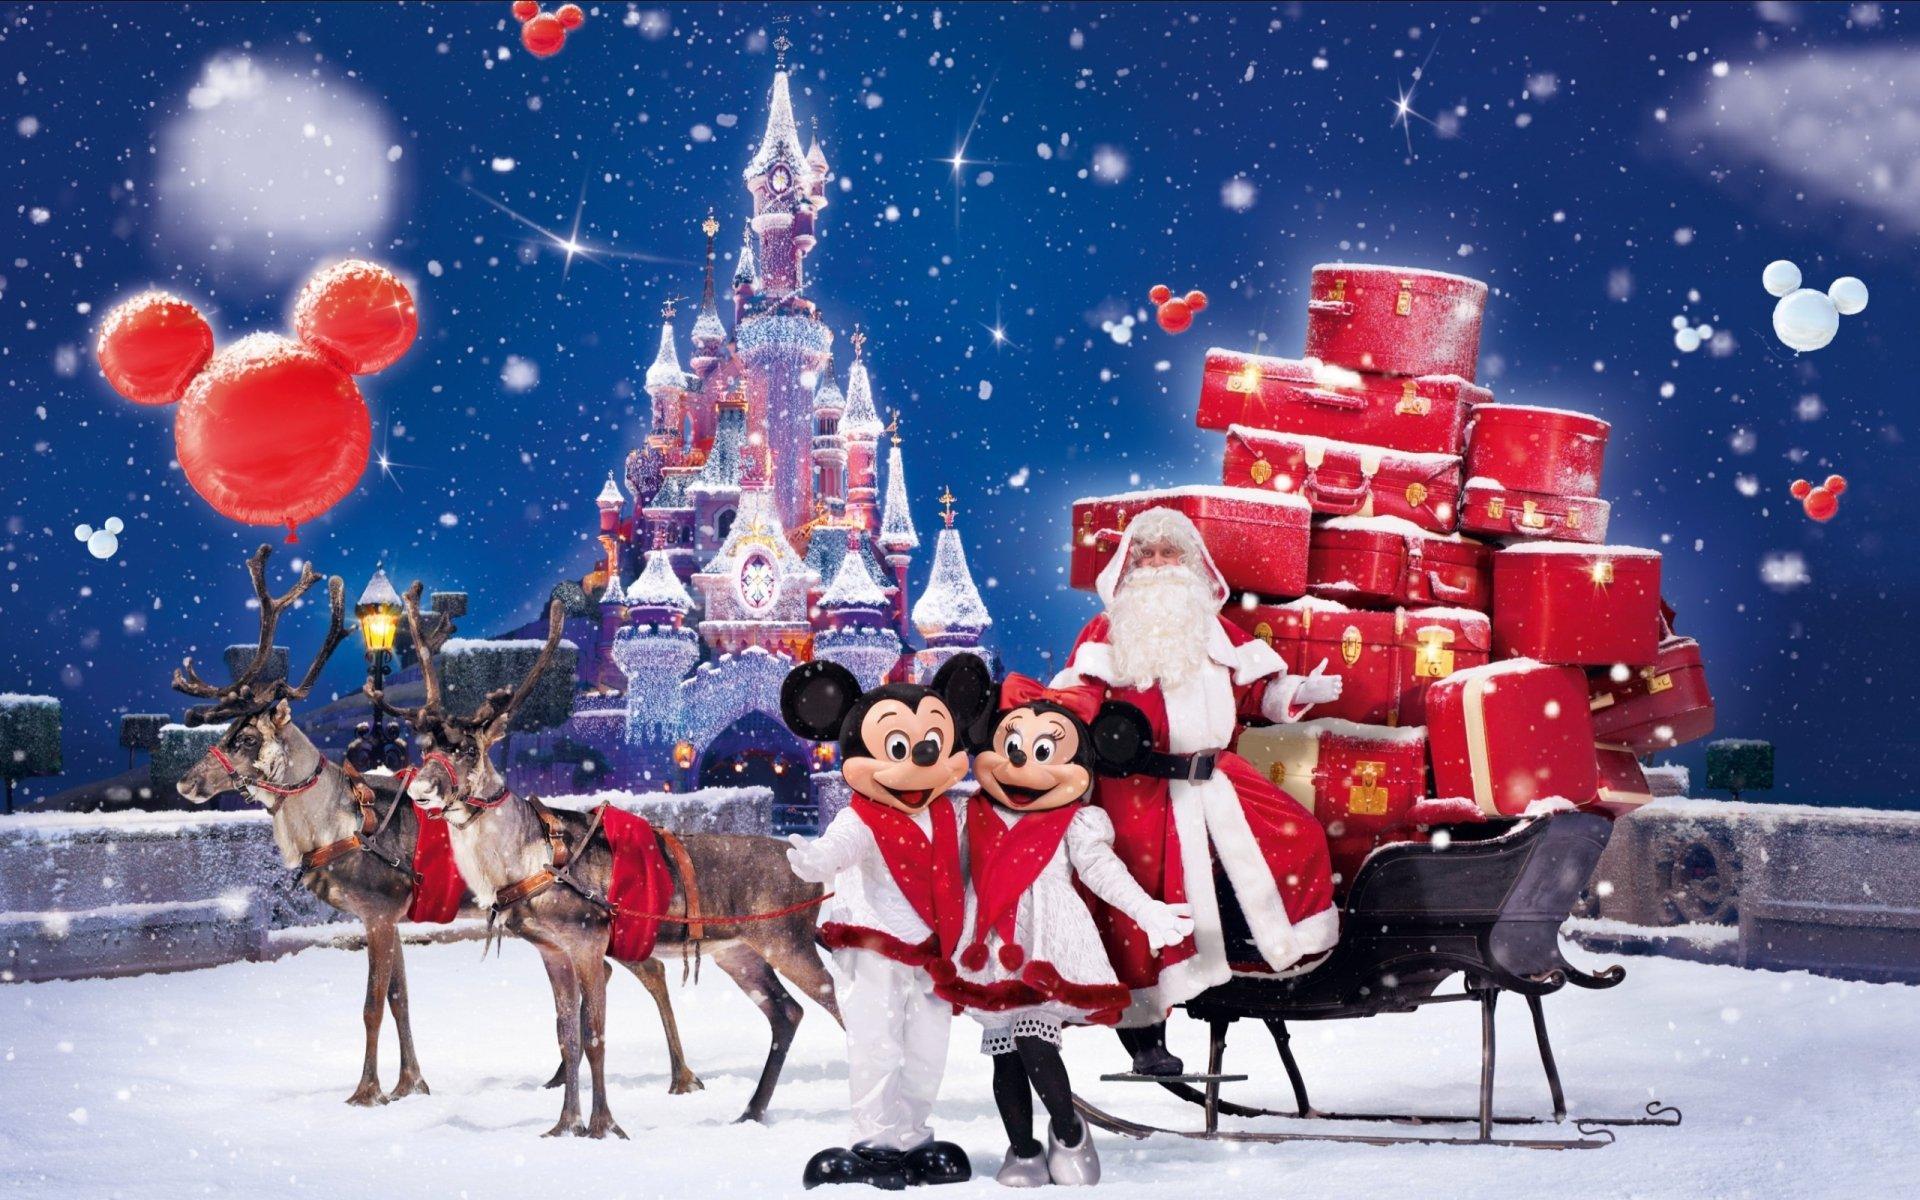 节日 - 圣诞节  迪斯尼乐园 Santa Reindeer Sleigh 壁纸